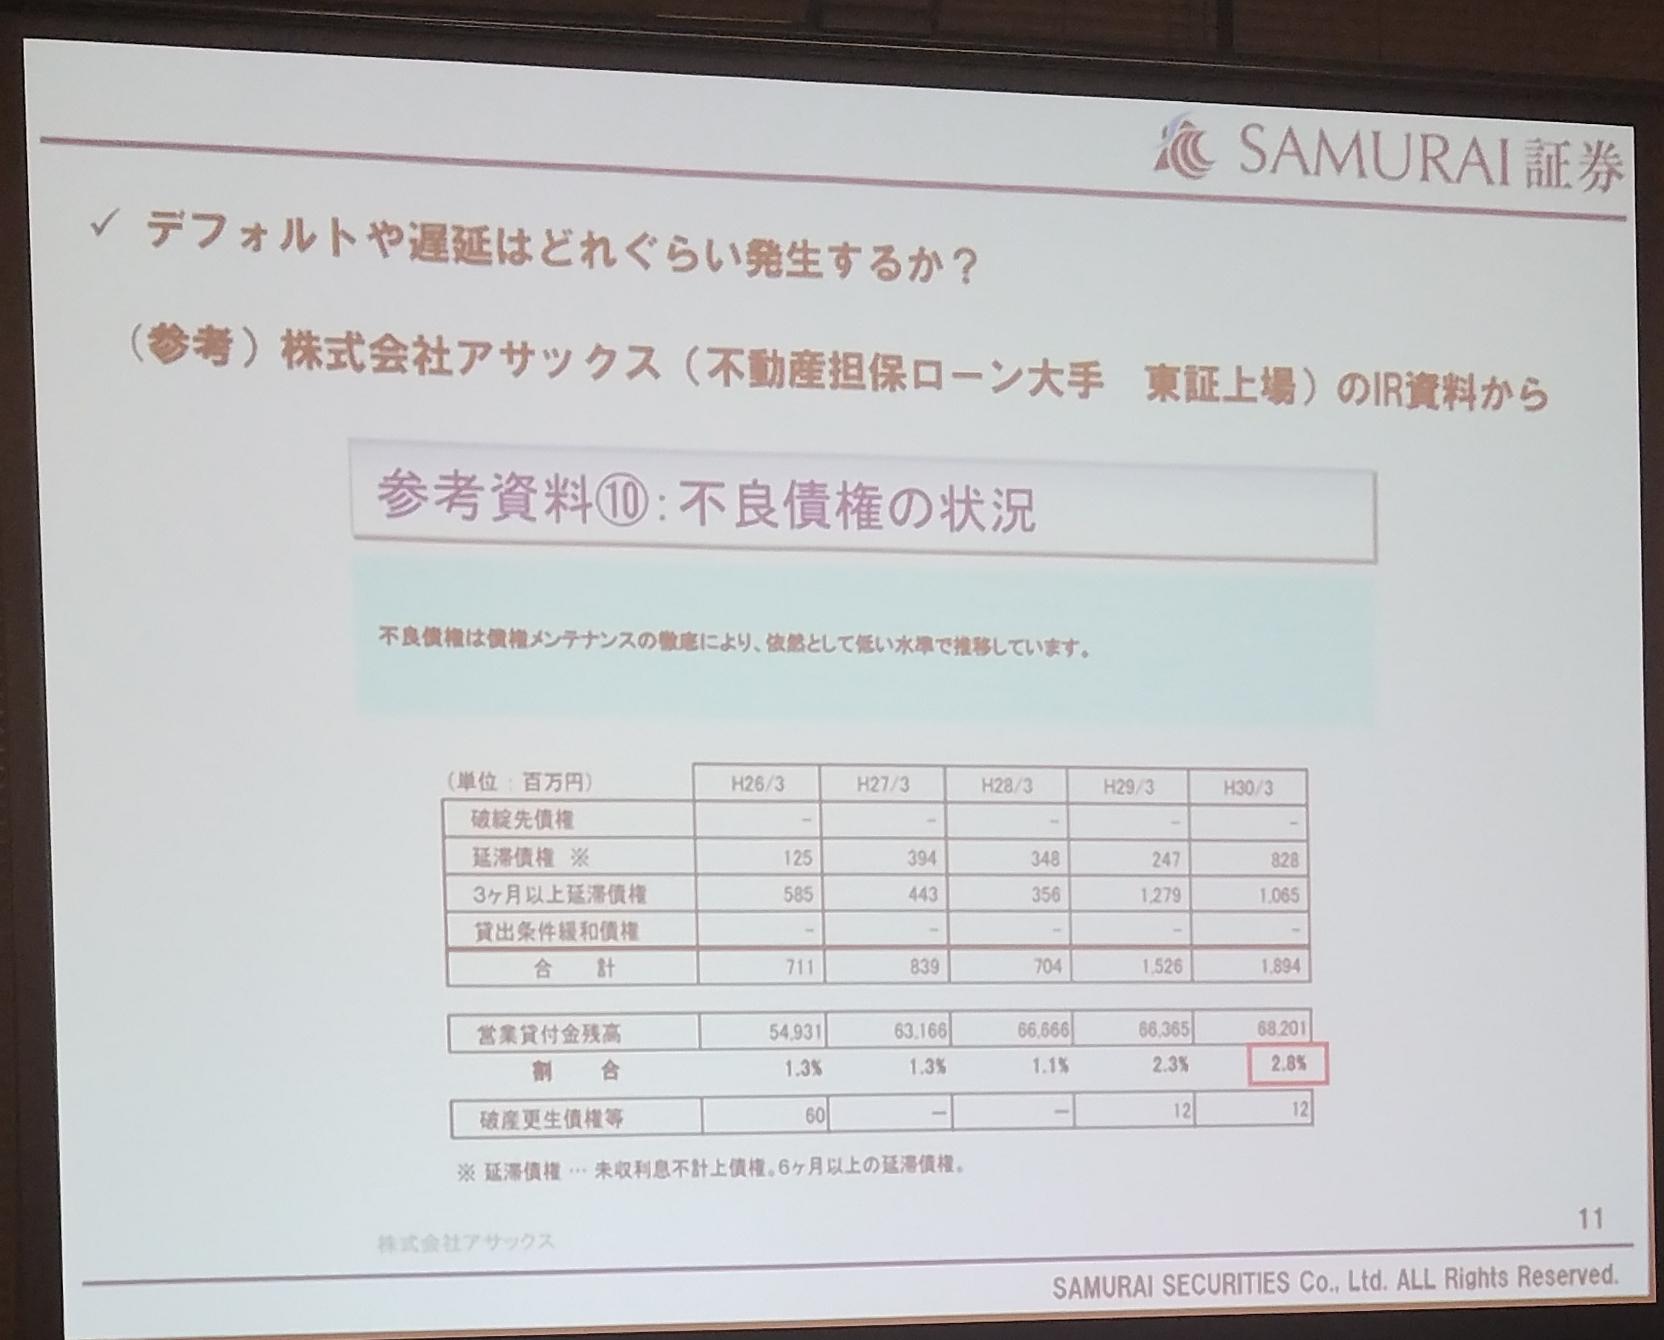 11_SAMURAIセミナー参加報告